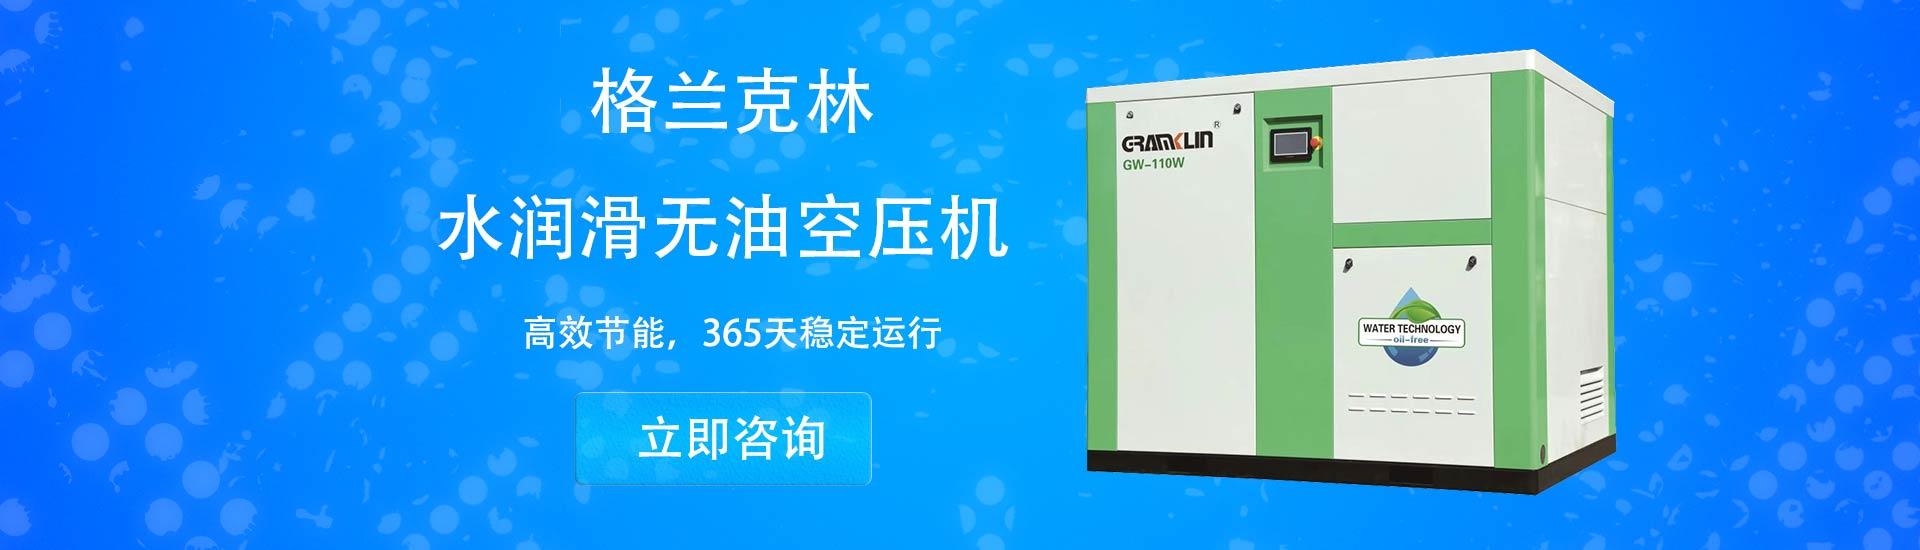 上海一体式水润滑空压机热销产品-第一张幻灯大图